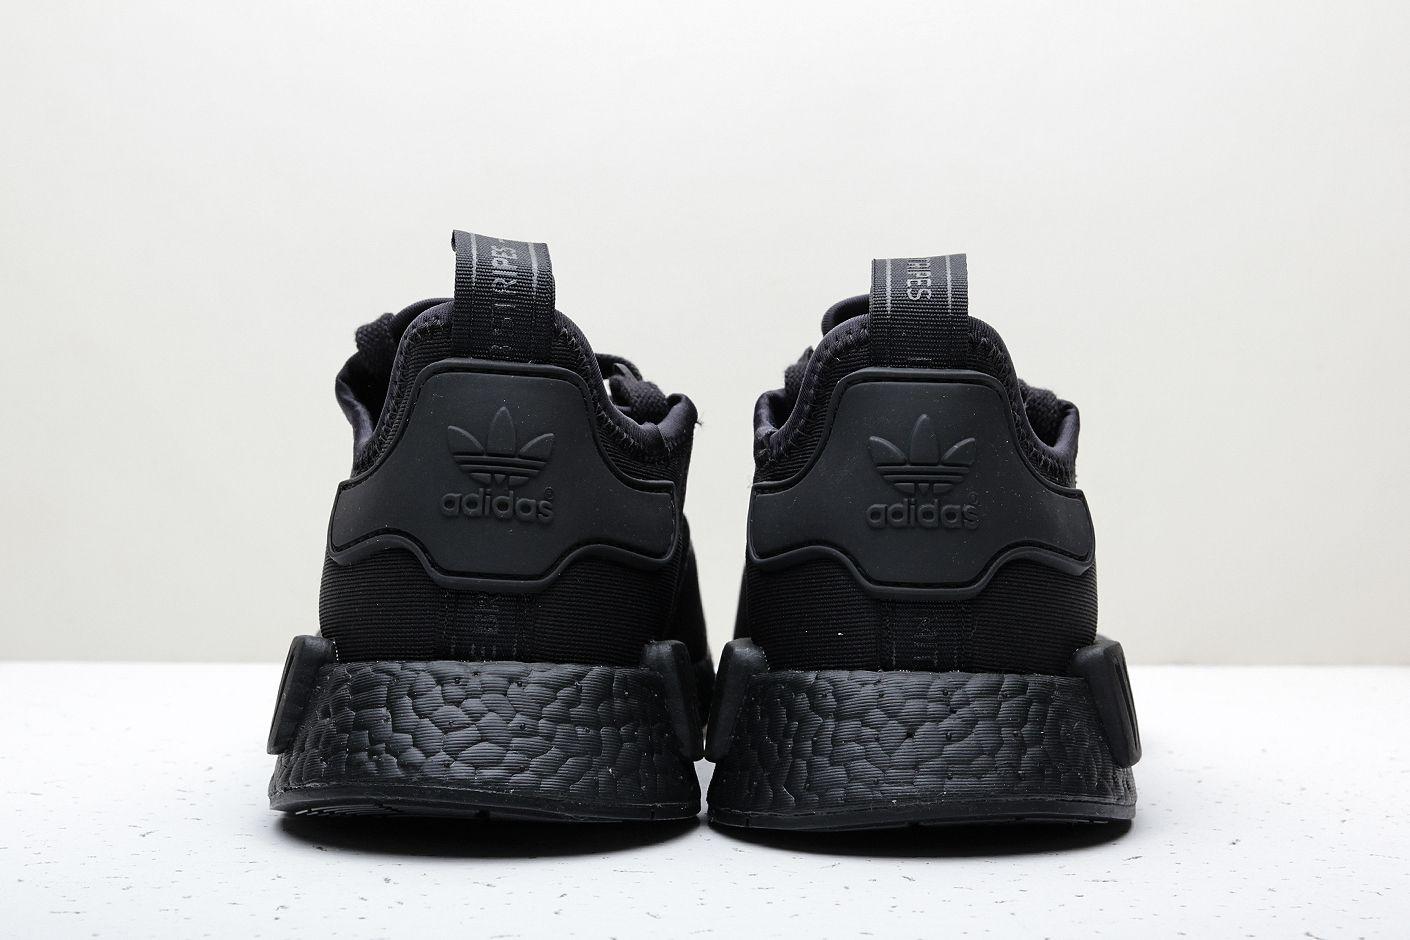 ebc6891b ... Купить мужские черные кроссовки adidas Originals NMD R1 - фото 3  картинки ...